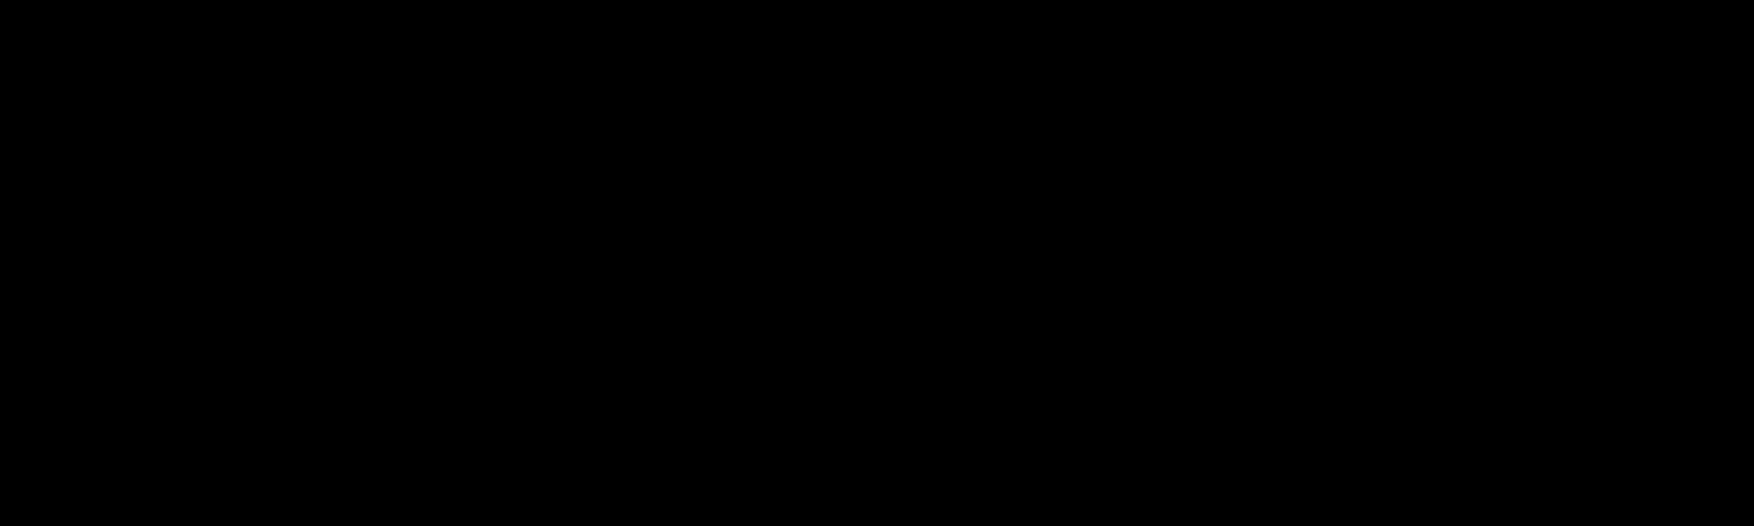 1-O-Feruloyl-d<sub>3</sub> glycerol